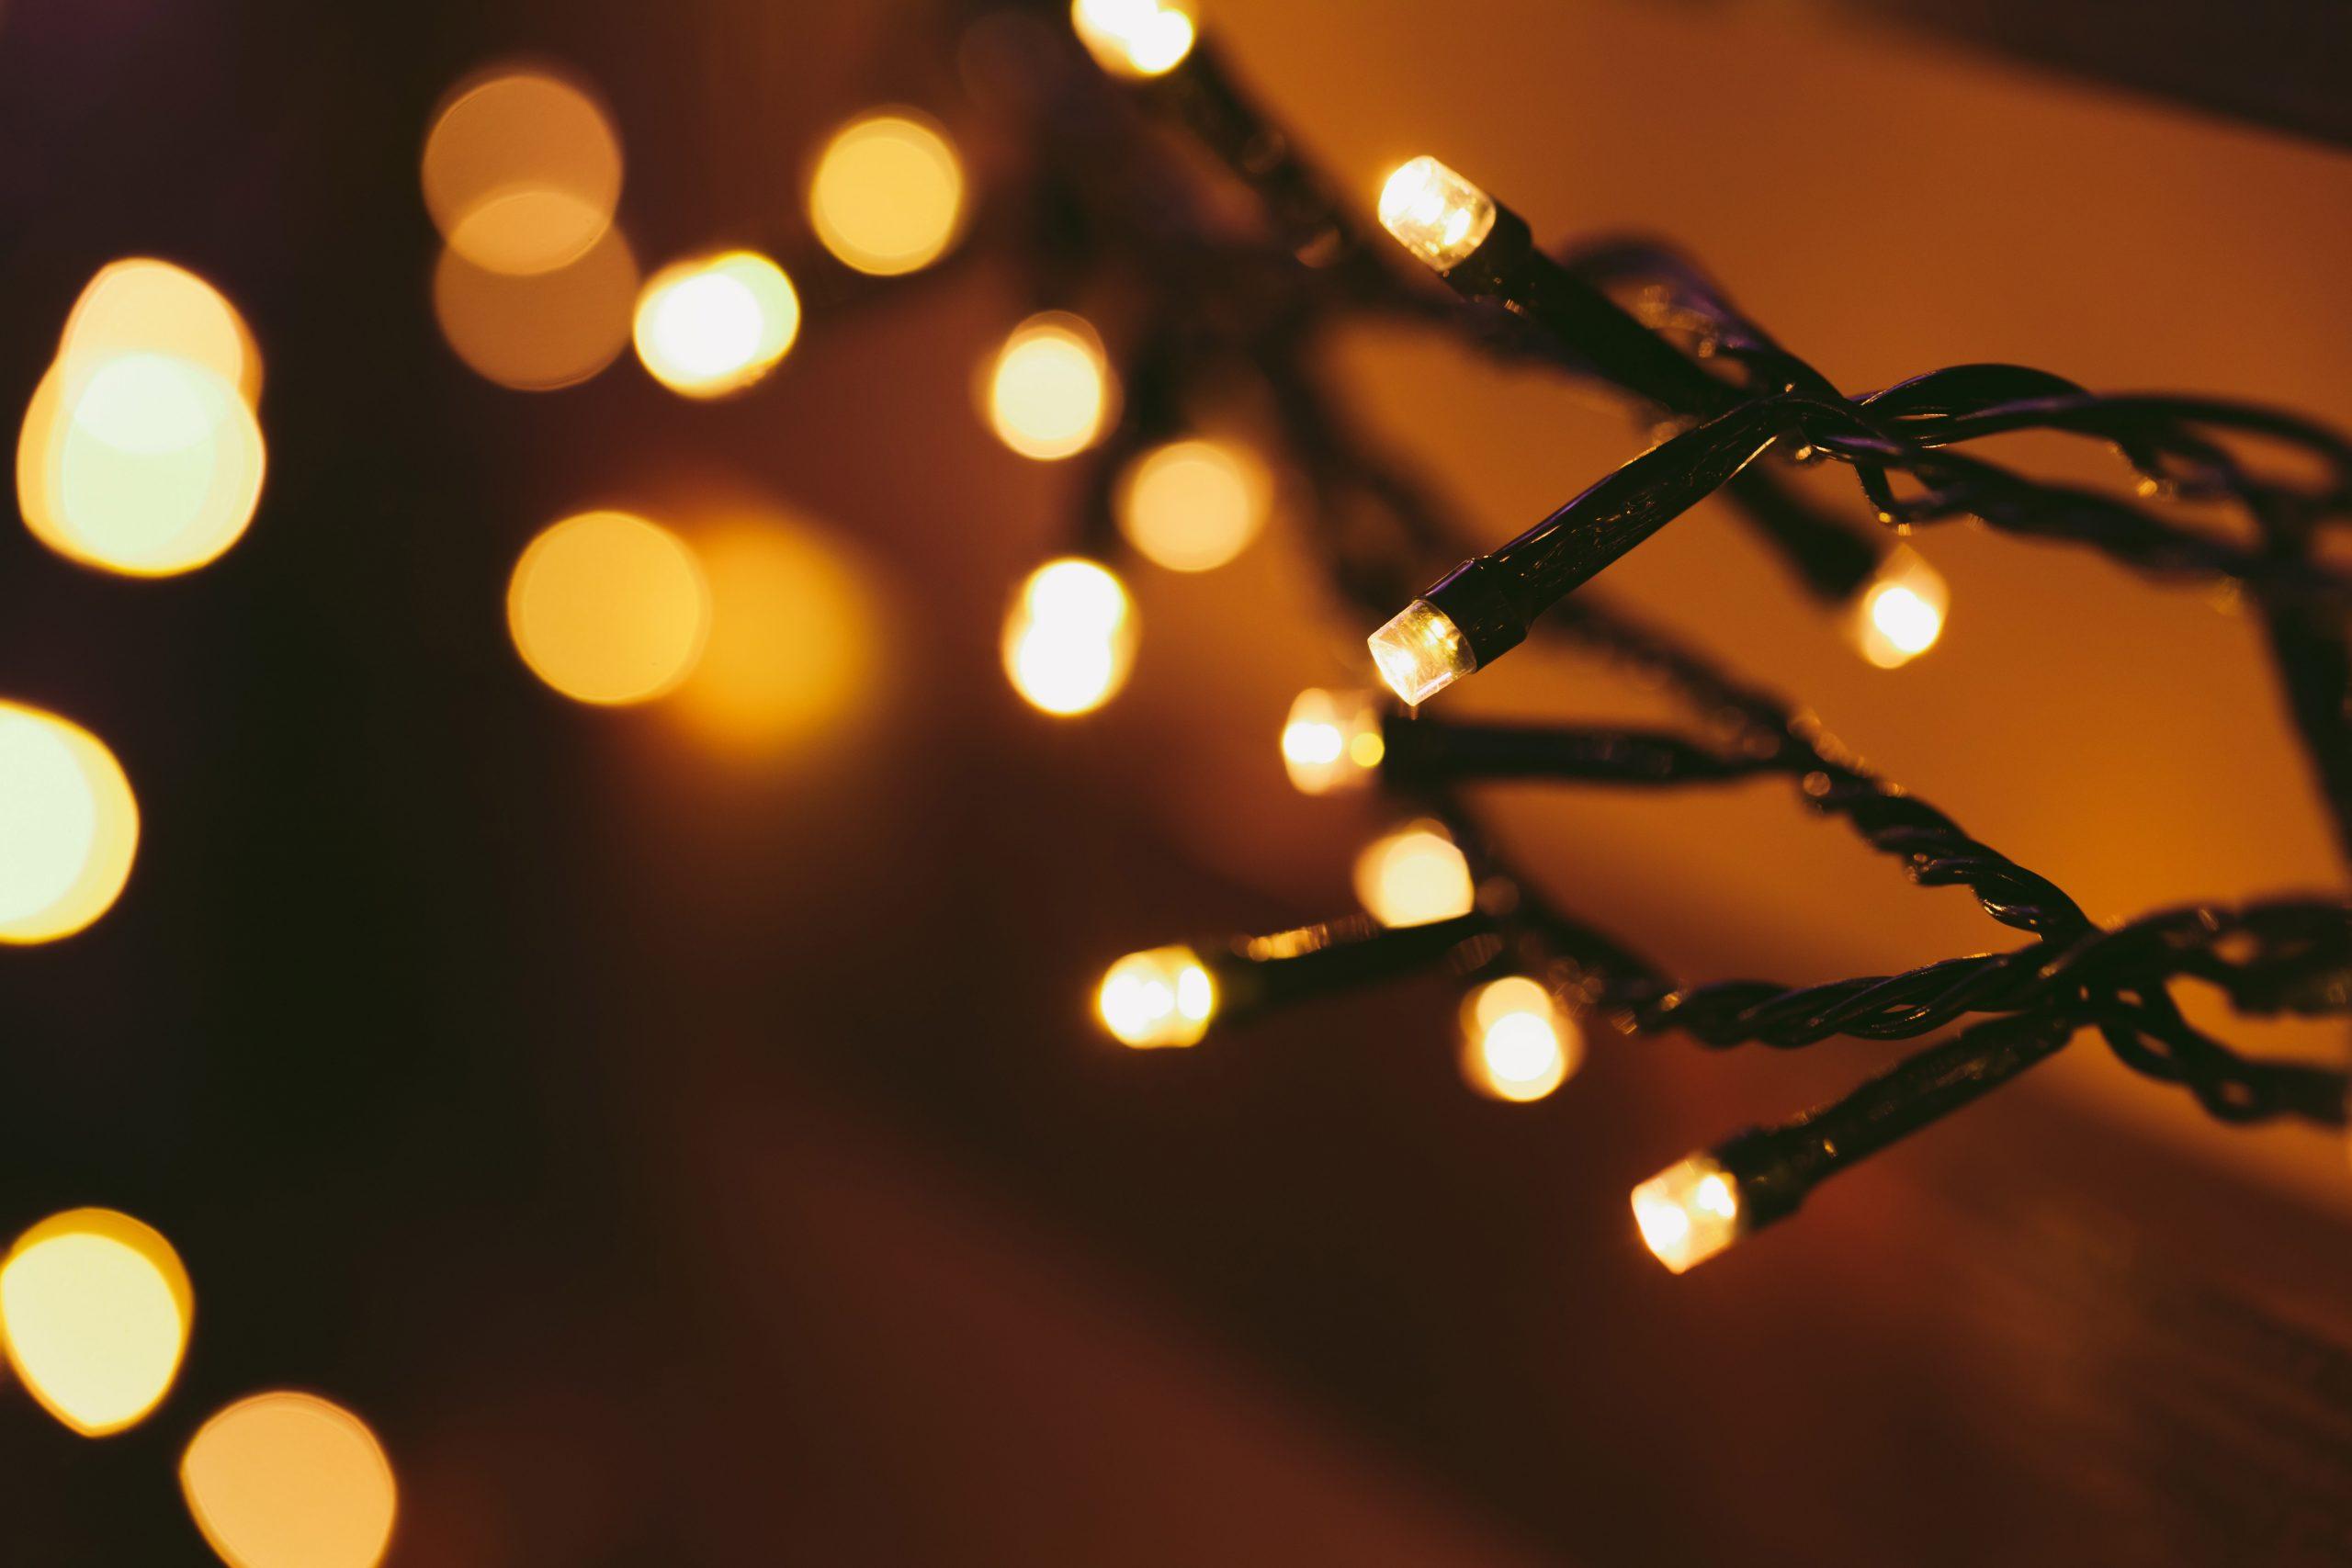 Les guirlandes lumineuses sont indisociables du sapin de Noël, c'est un élémen t essentiel de la décoration !